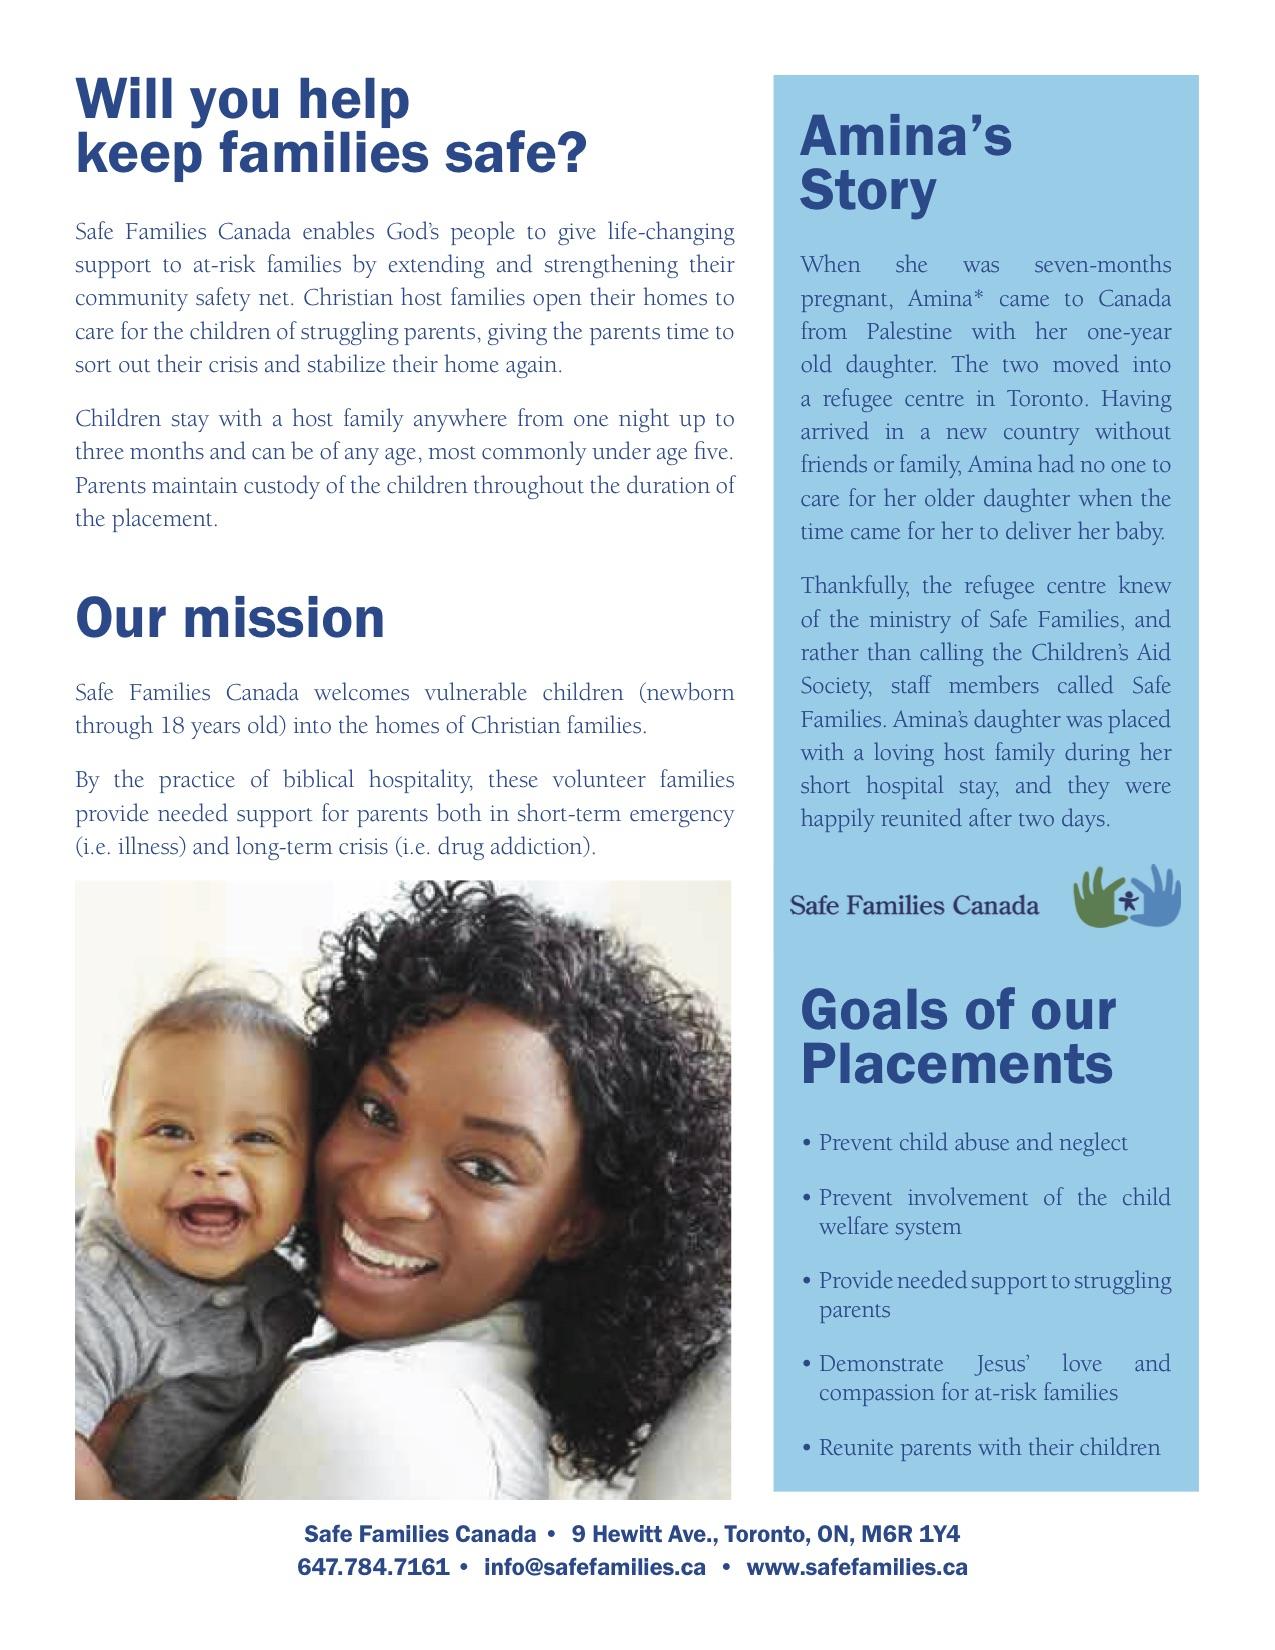 Safe Families Pamphlet